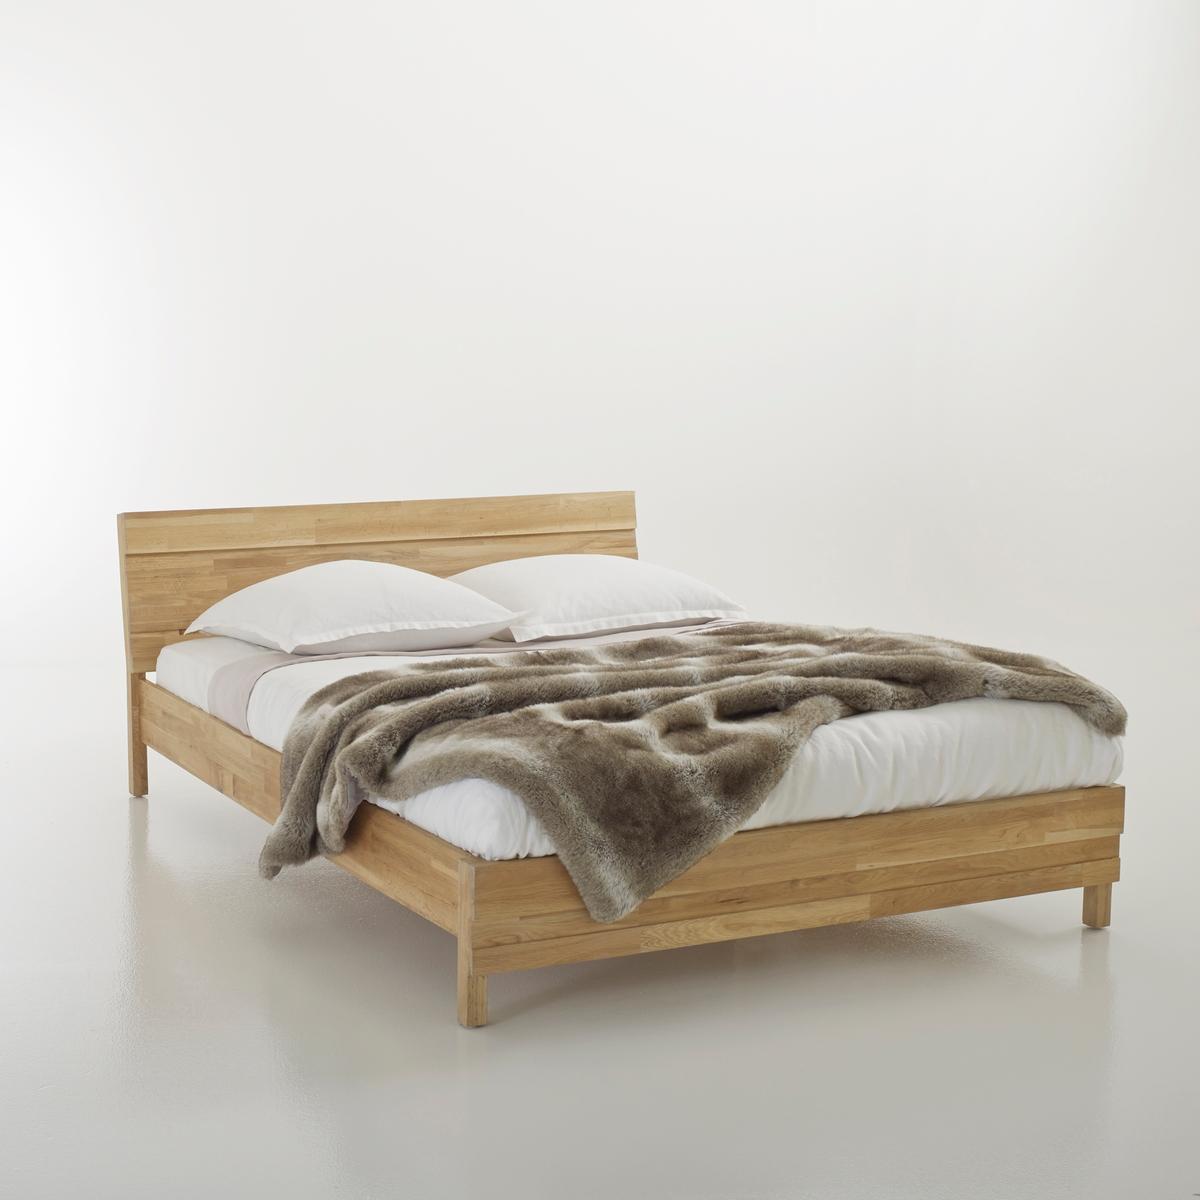 Кровать из массива дуба с соединением встык, Ariles кровать из массива дерева credit suisse 1 2 1 5 1 8